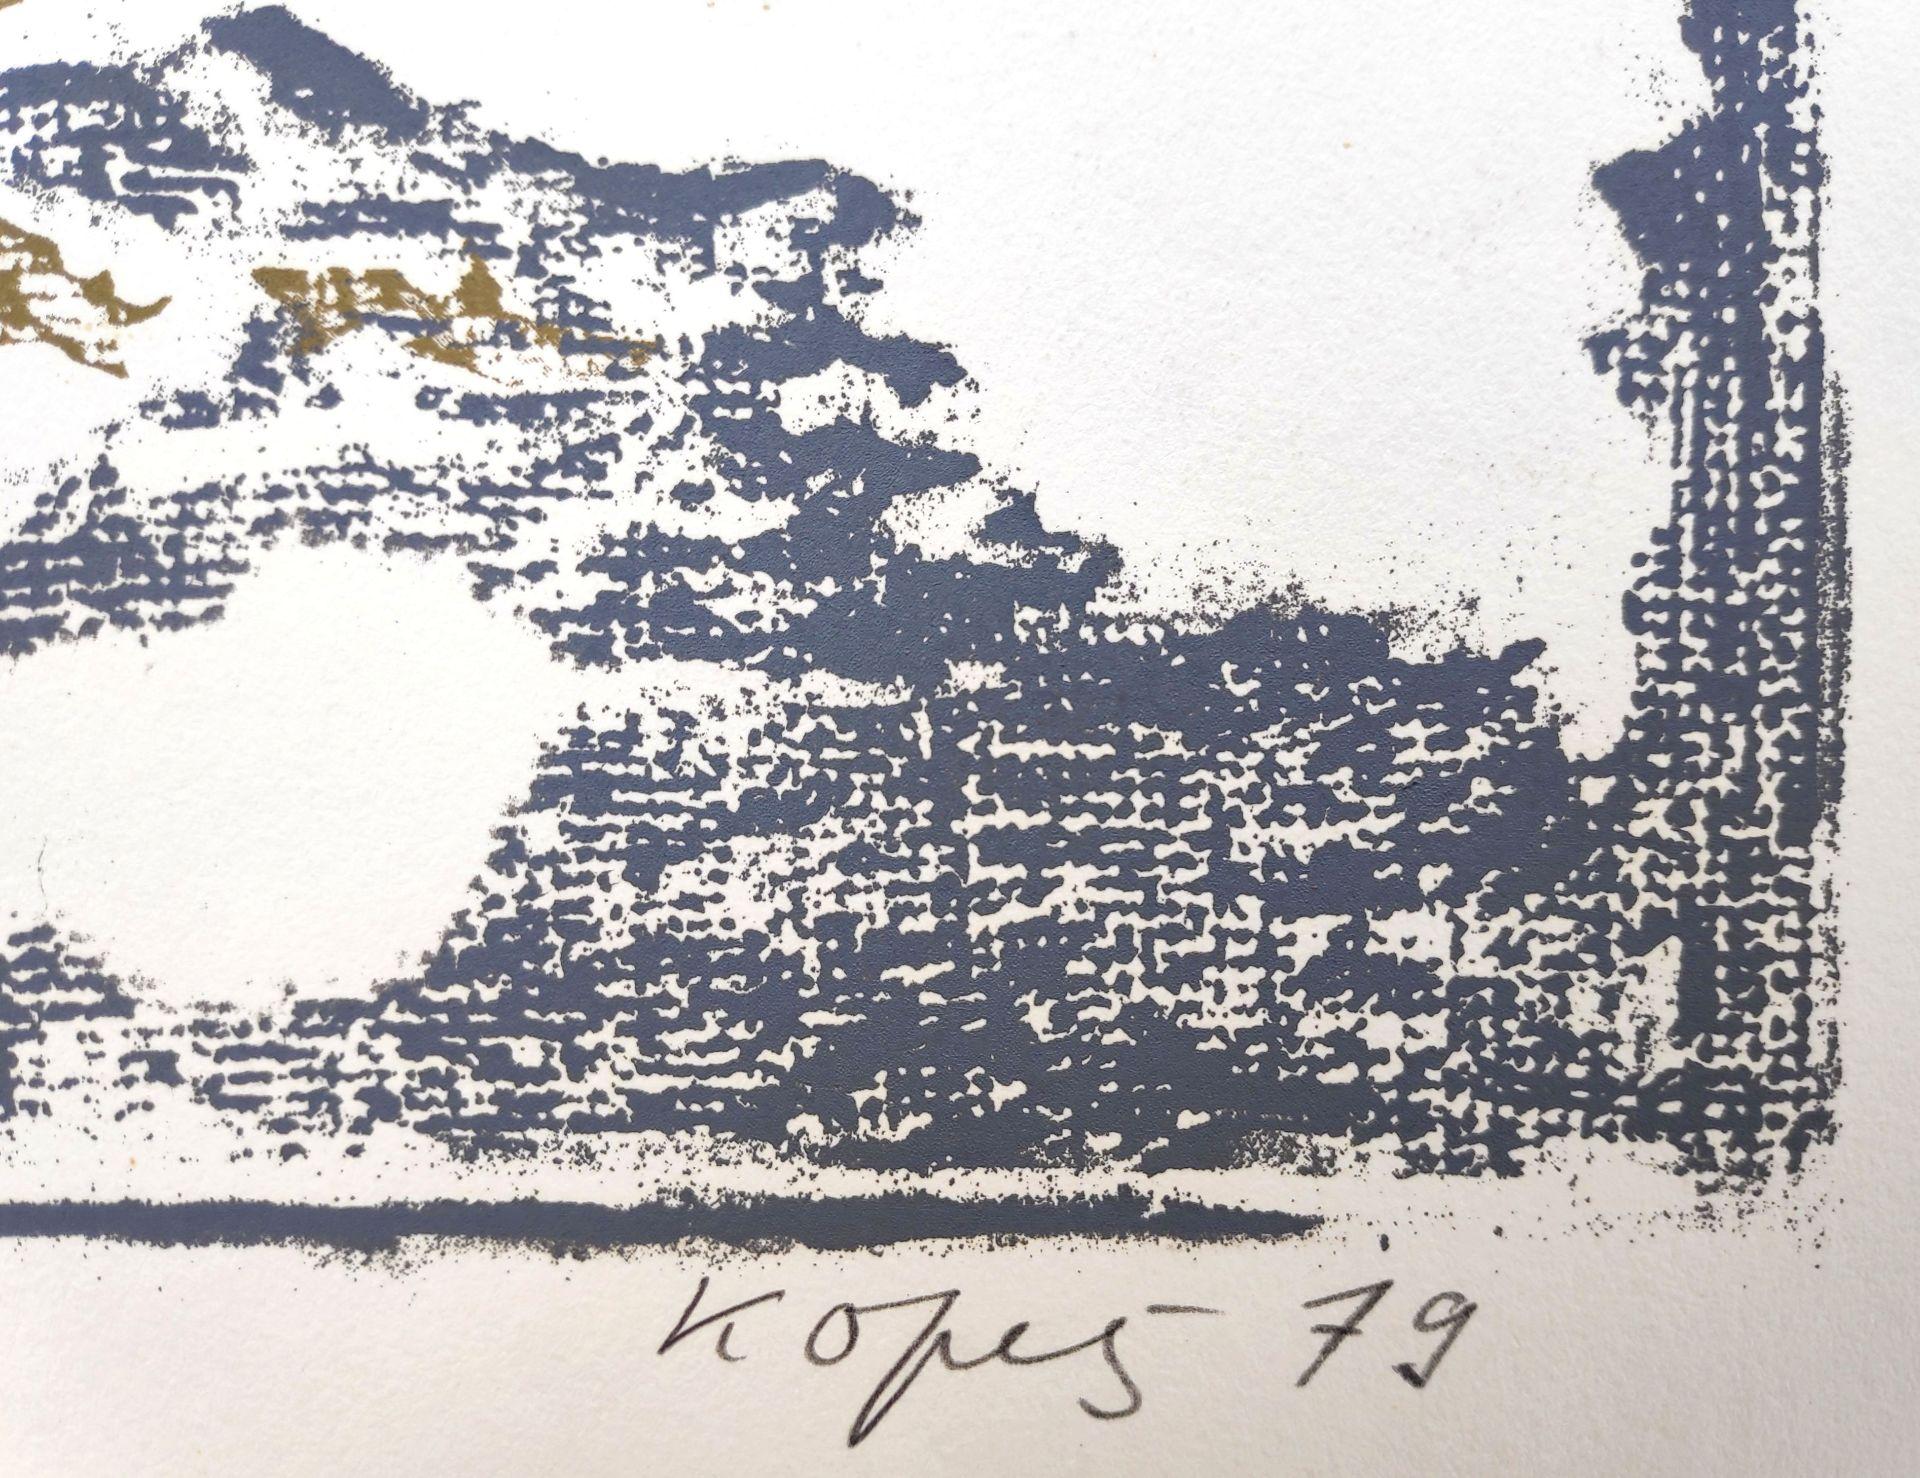 """Kopetz, Vera (1910 St. Petersburg - 1998 Ückeritz) """"Schneefleck mit Wasserhühnern"""" - Bild 3 aus 3"""